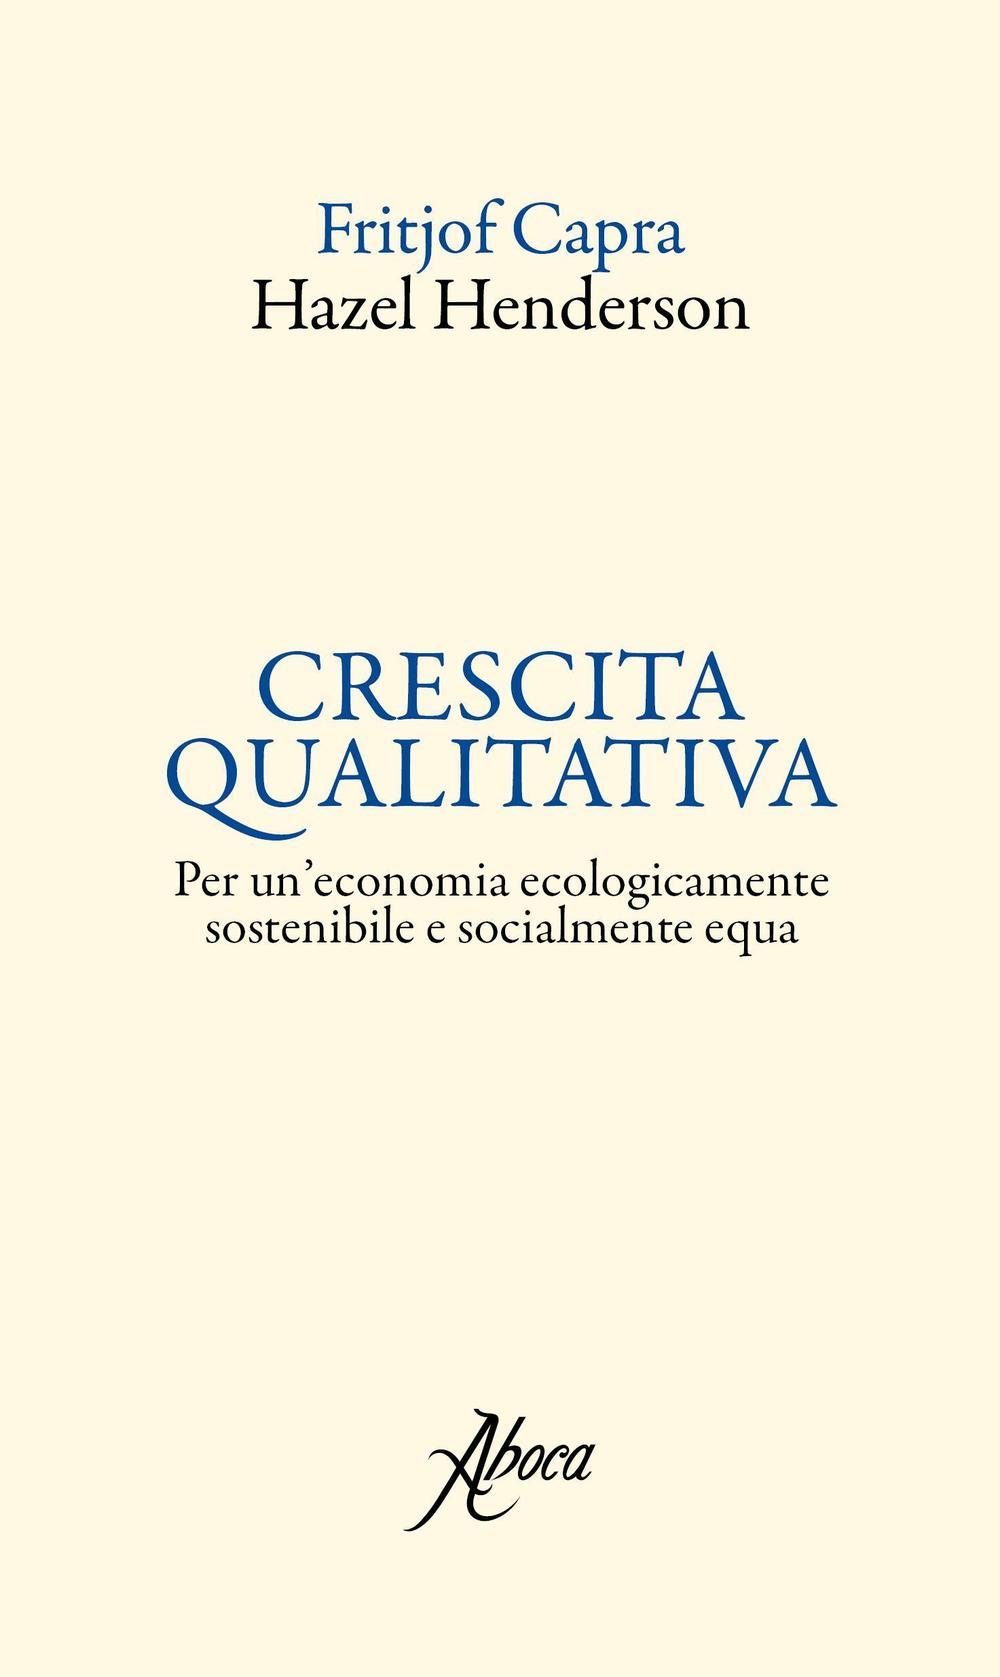 Image of Crescita qualitativa. Per un'economia ecologicamente sostenibile e socialmente equa